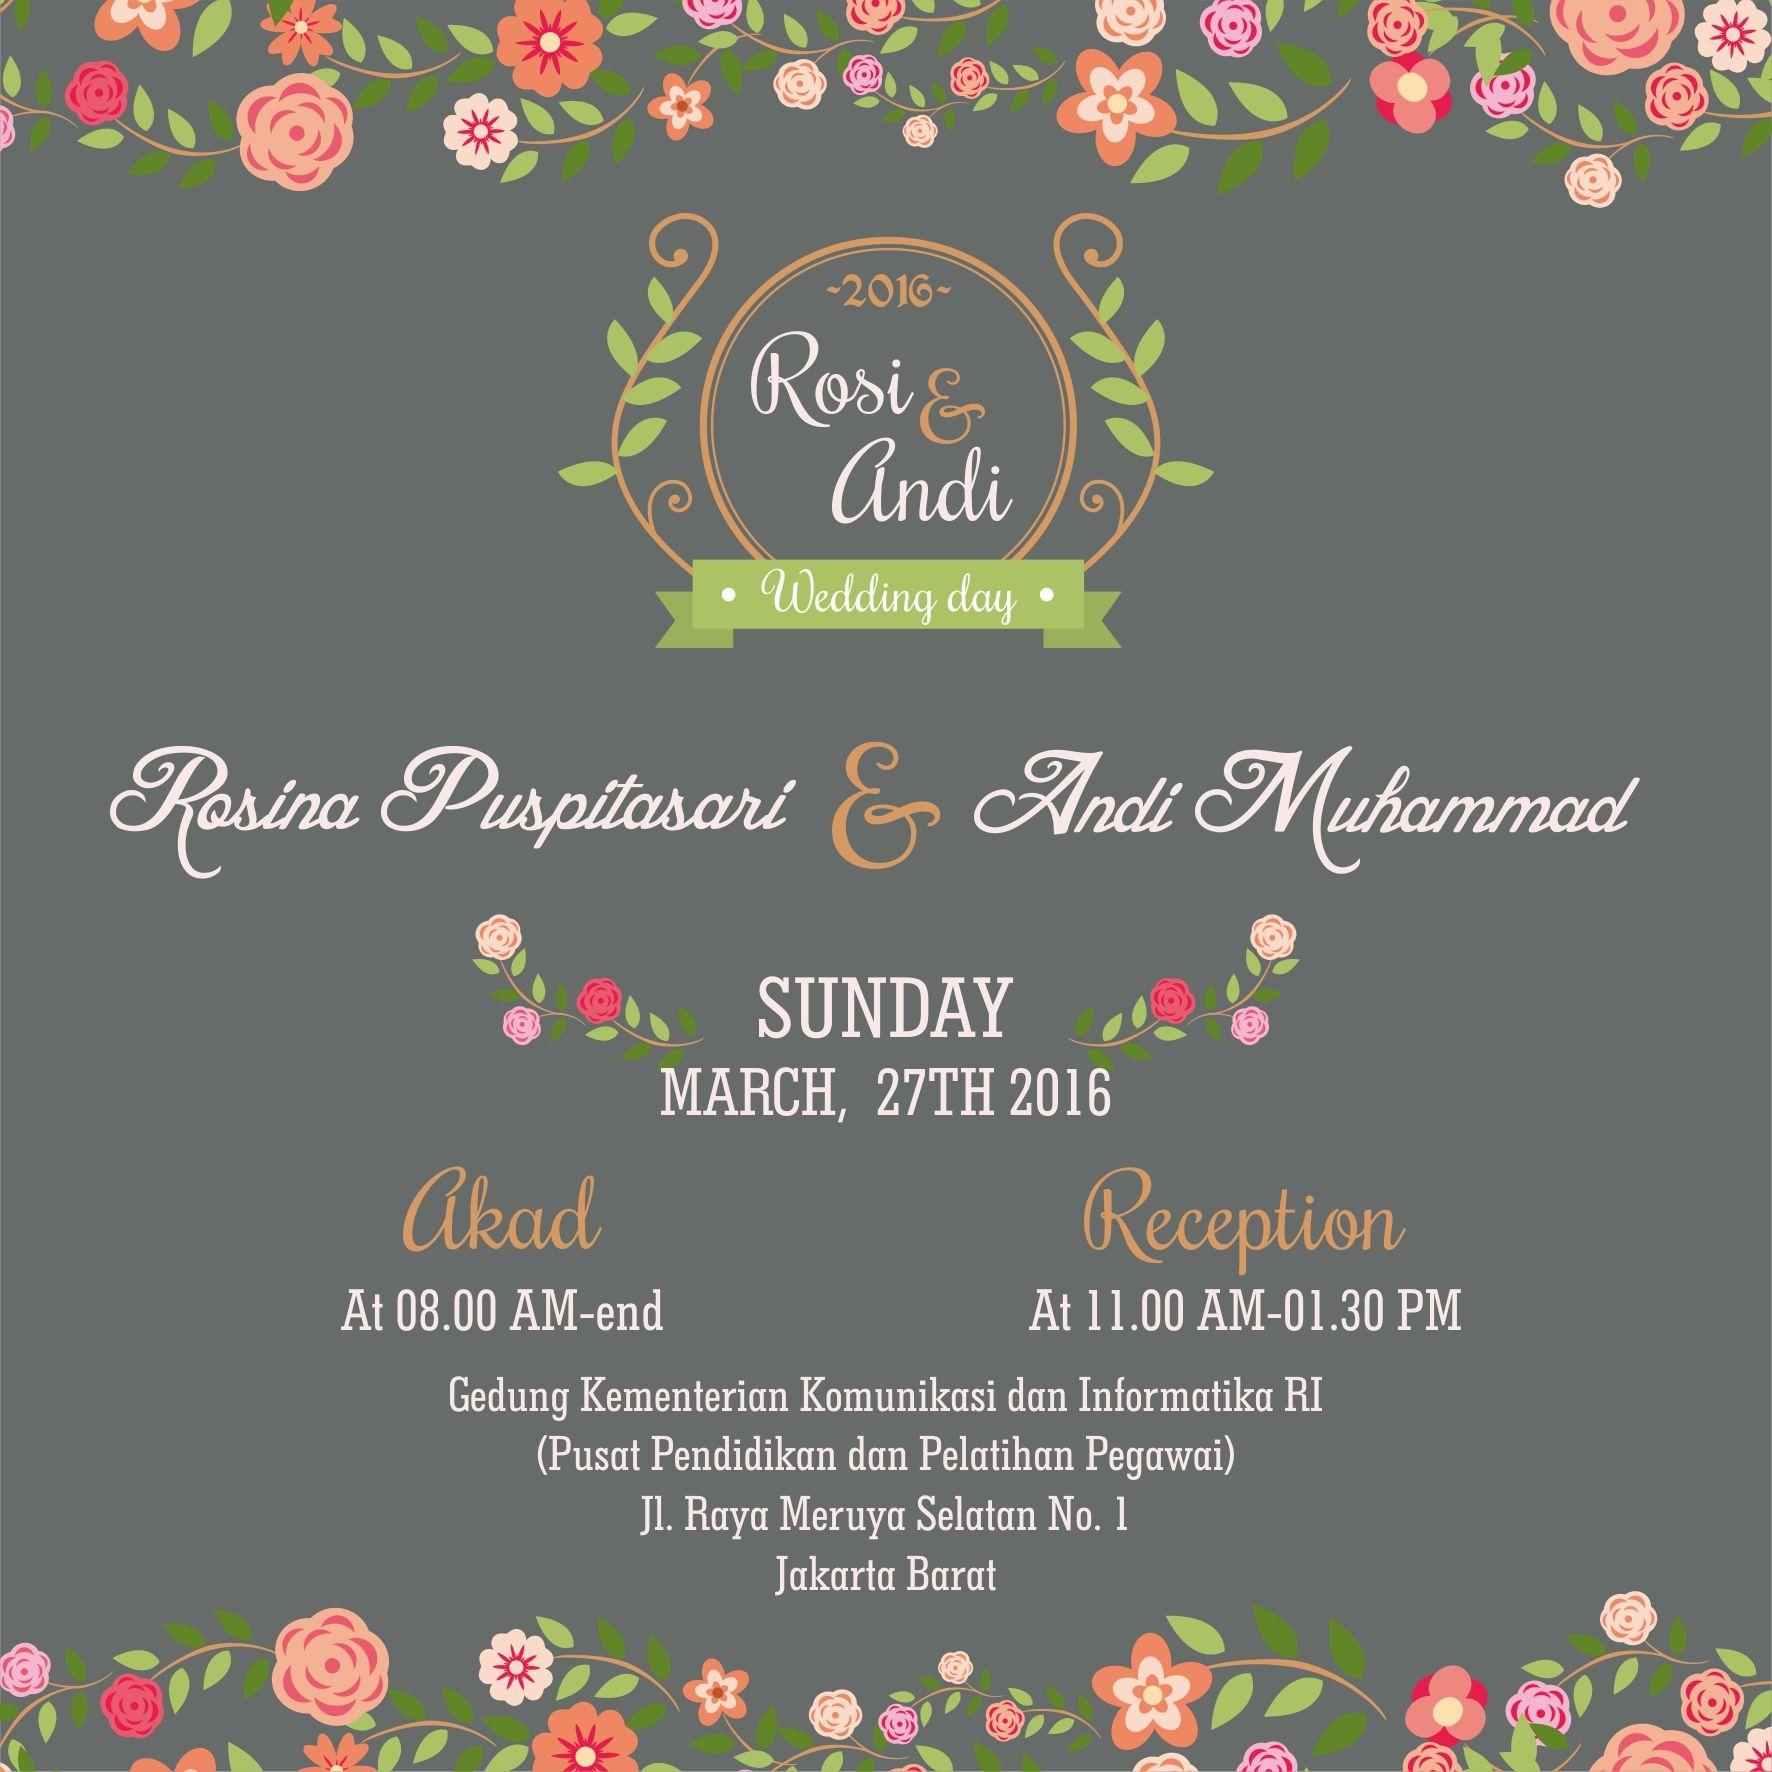 Online Wedding Invitation E Invitation Wedding Inviation Desain Undangan Perkawinan Undangan Pernikahan Undangan Perkawinan